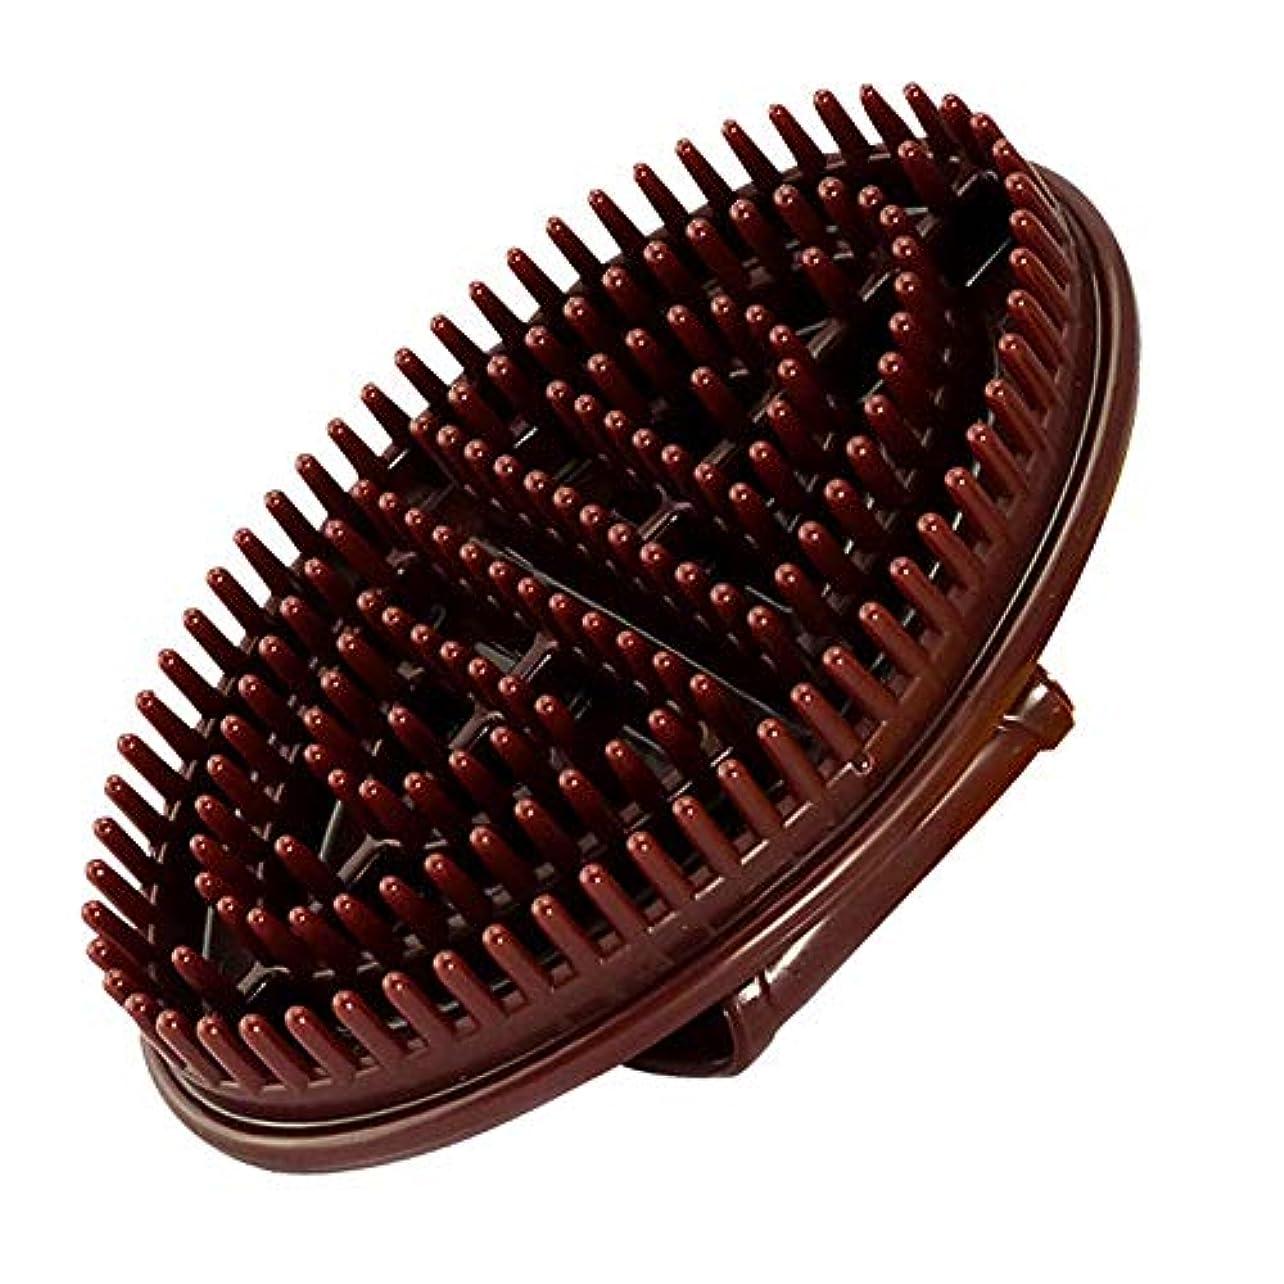 対象危険な午後TPUマッサージブラシカッサボディのリンパマッサージブラシ Massage Brush Home Beauty Salon essential Oil Brush Live Rib Brush (褐色)